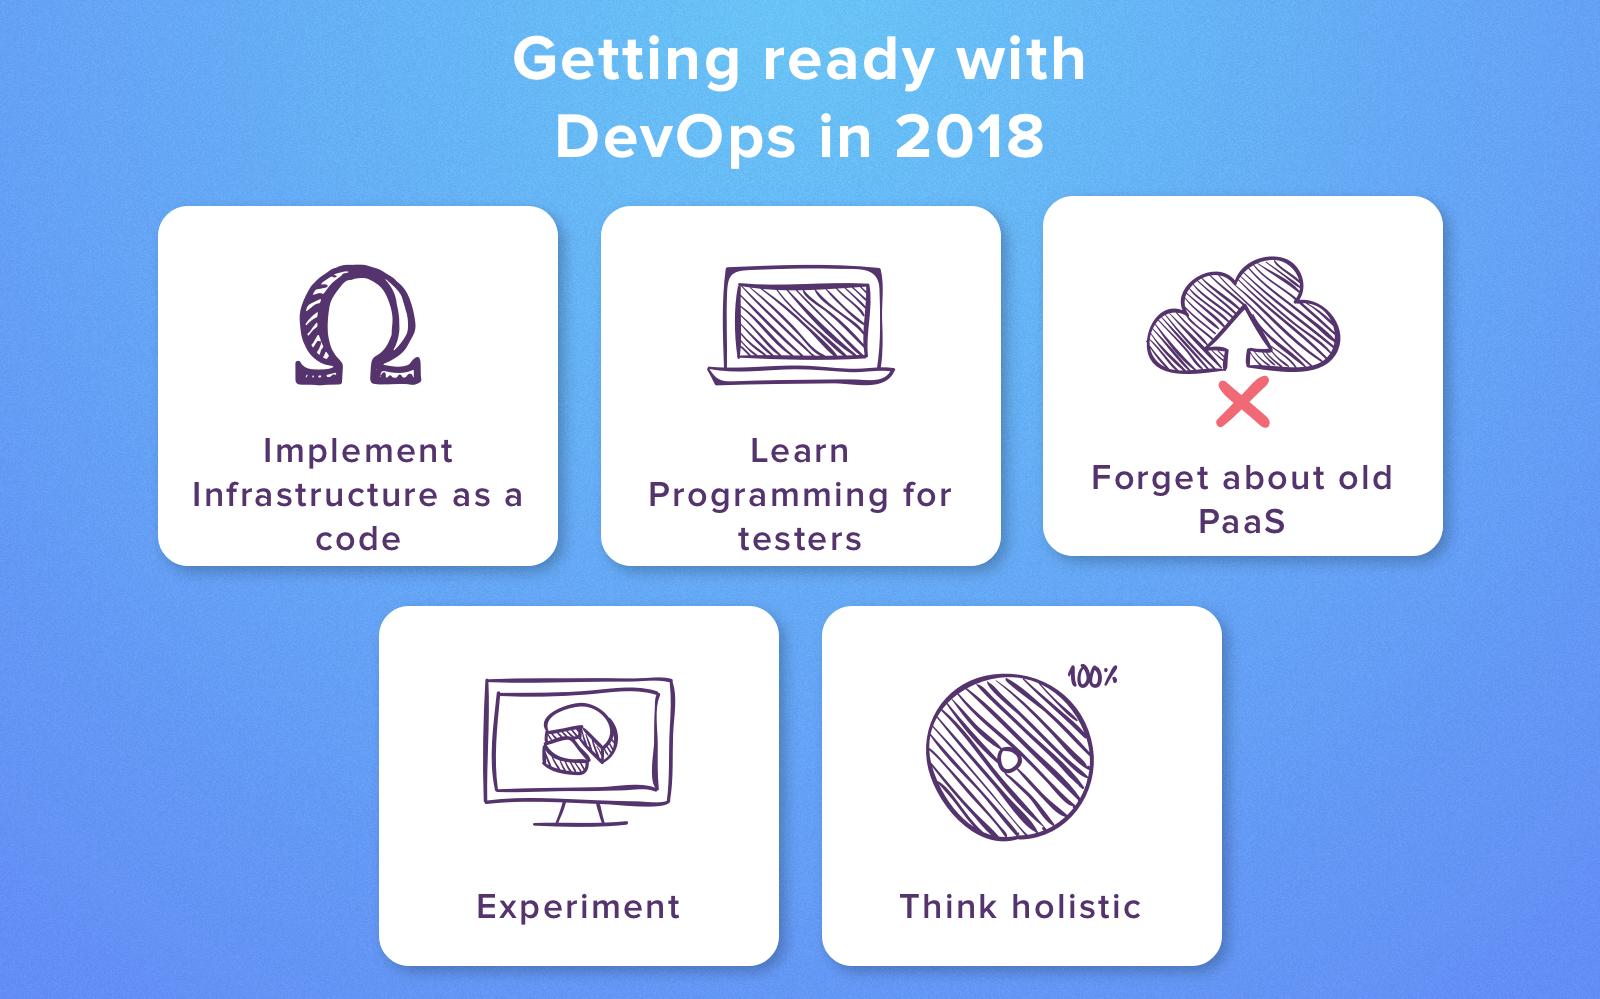 devops trends 2018